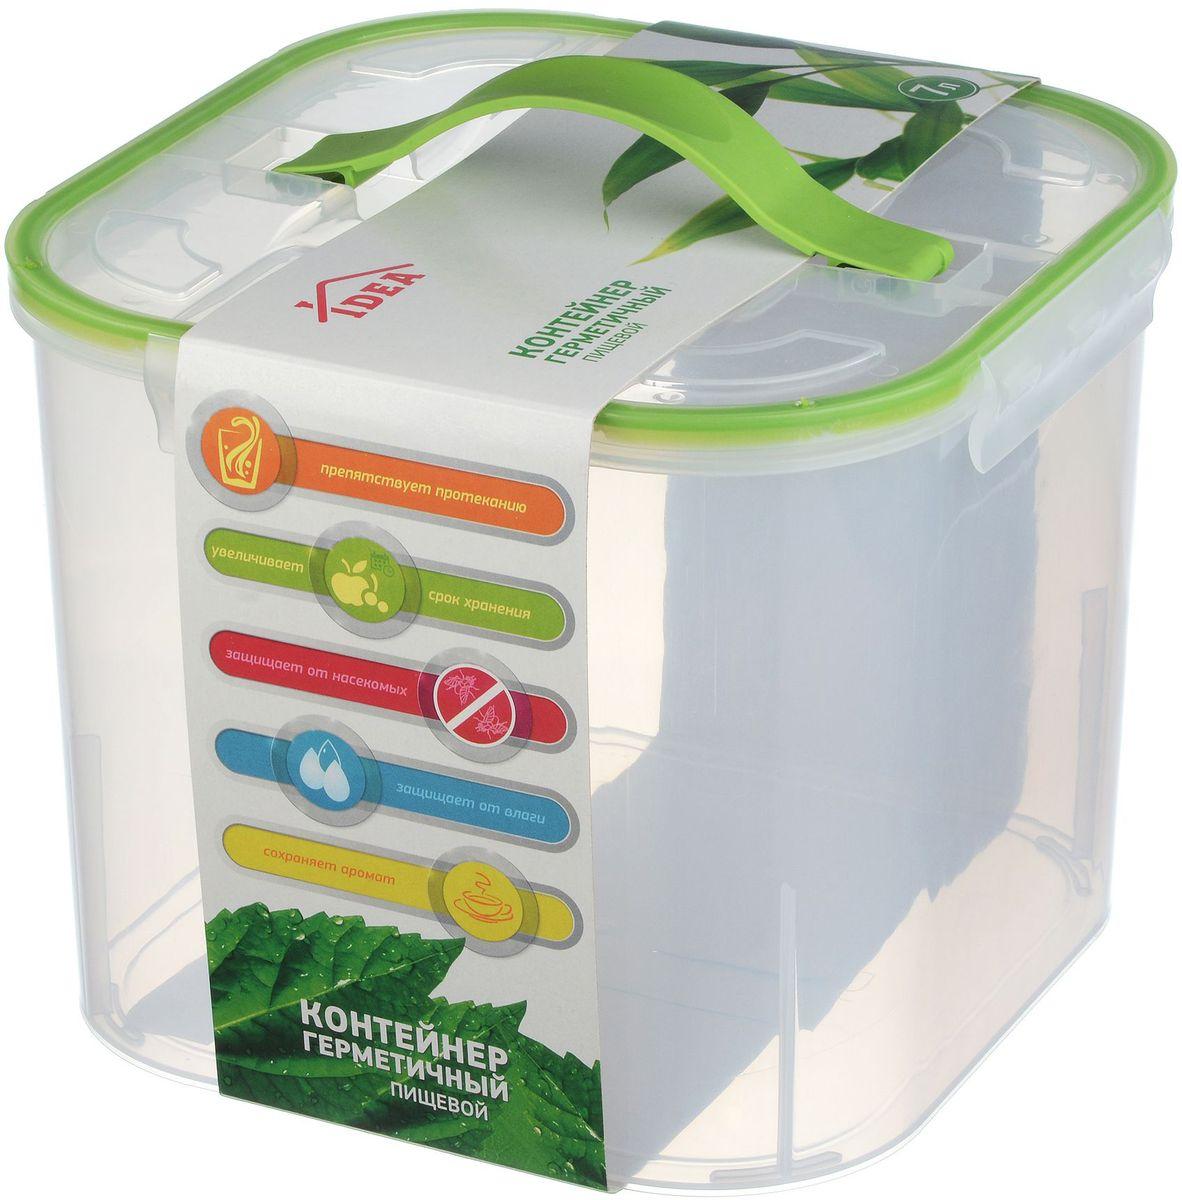 """Контейнер для хранения """"Idea"""", цвет: прозрачный, 23 х 23 х 18 см, Idea (М-пластика)"""